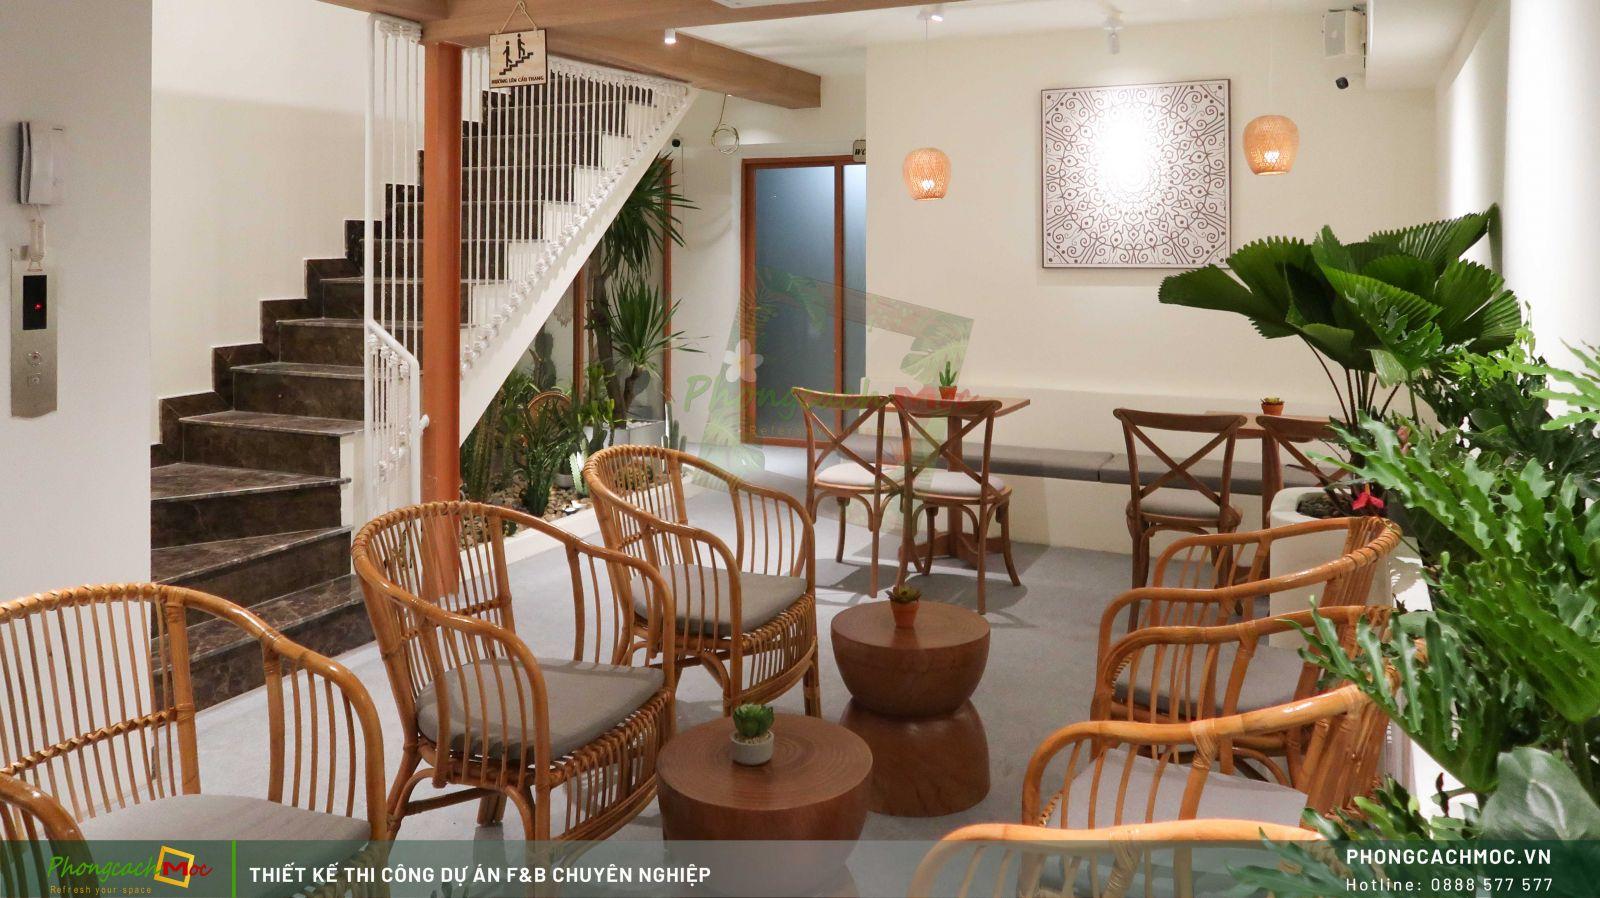 Aloha Coffee quận 7 - Hình ảnh hoàn thiện